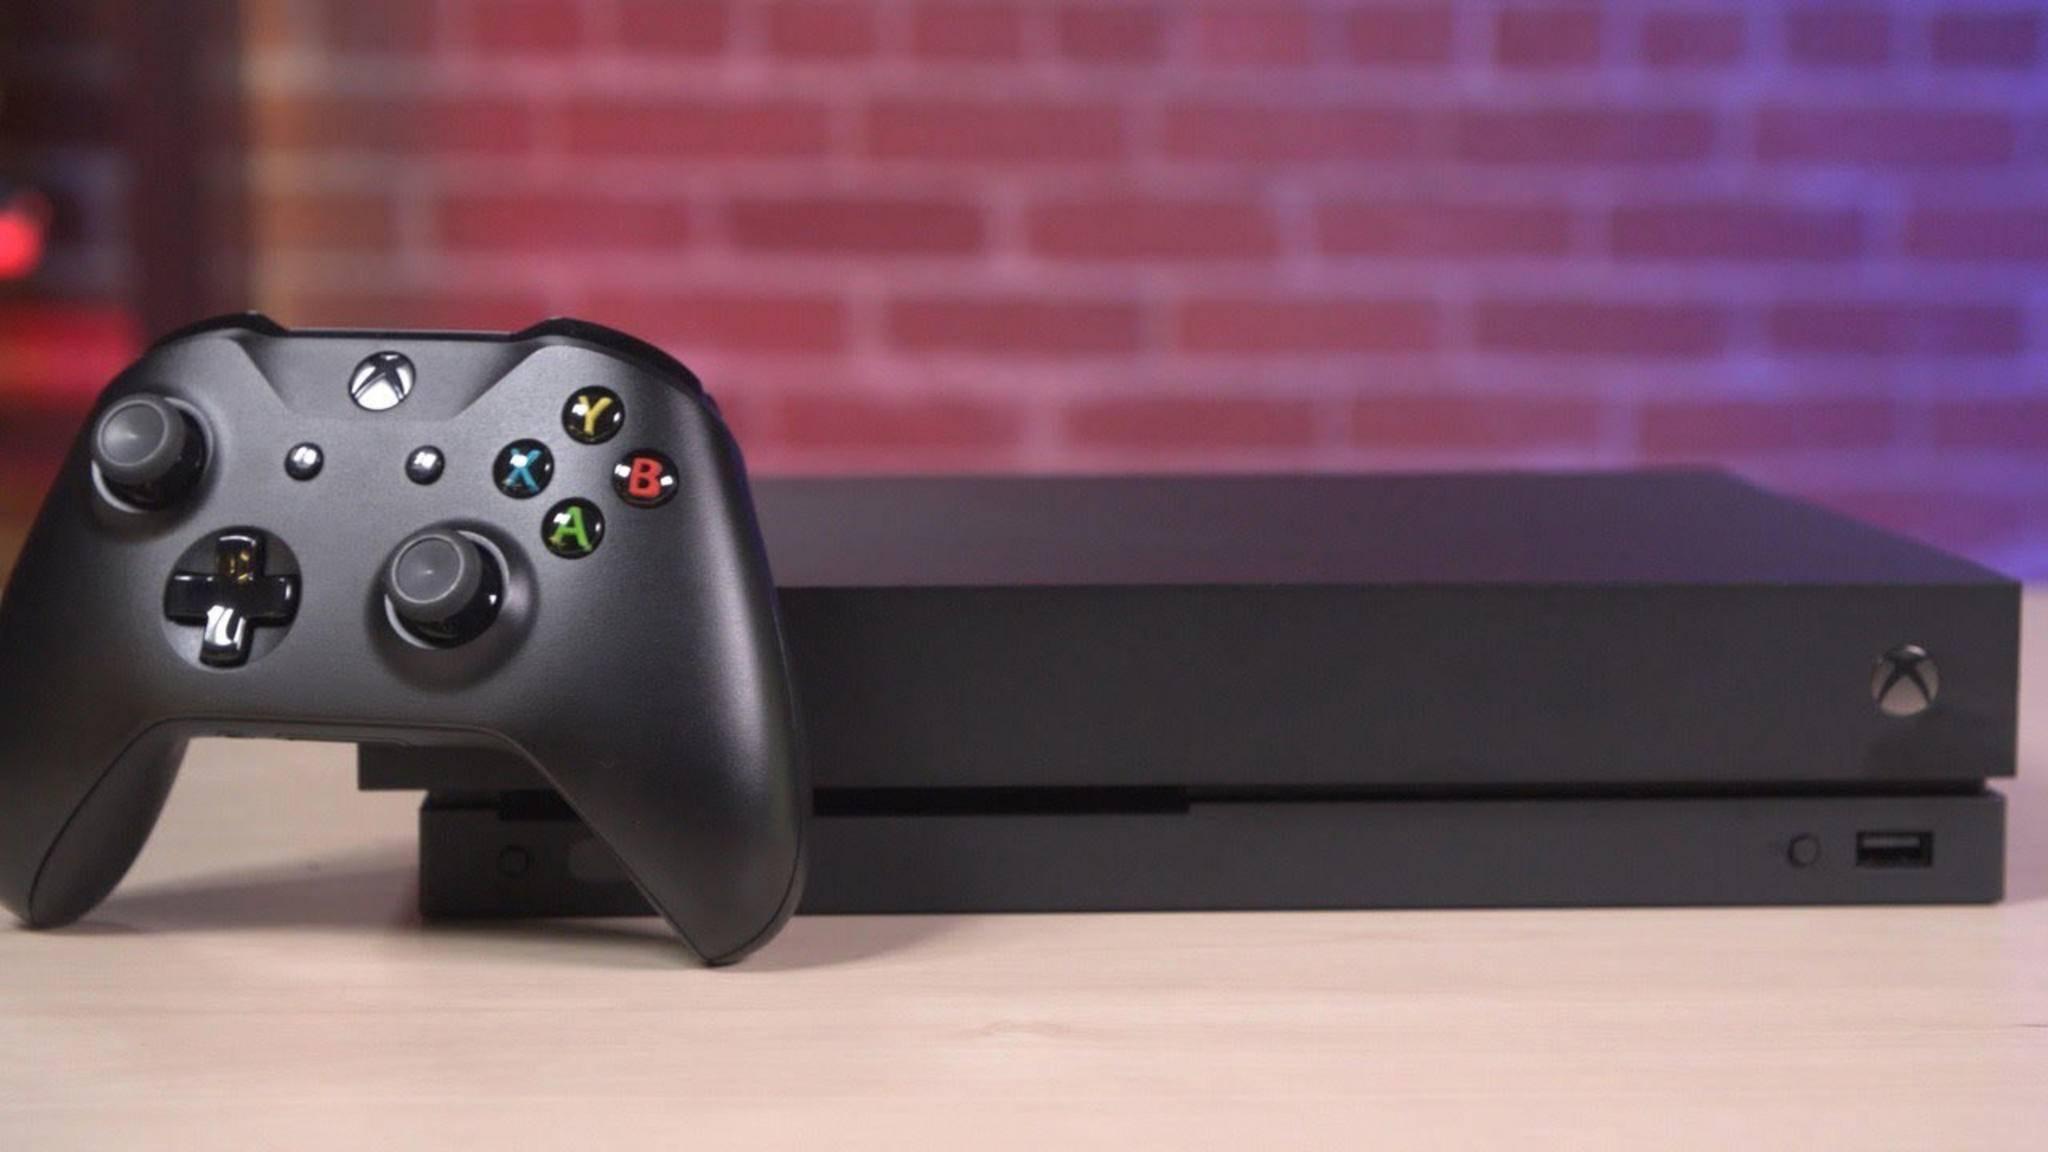 Ein Insider-Update erleichtert auch den Einrichtungsprozess der neuen Xbox One X.